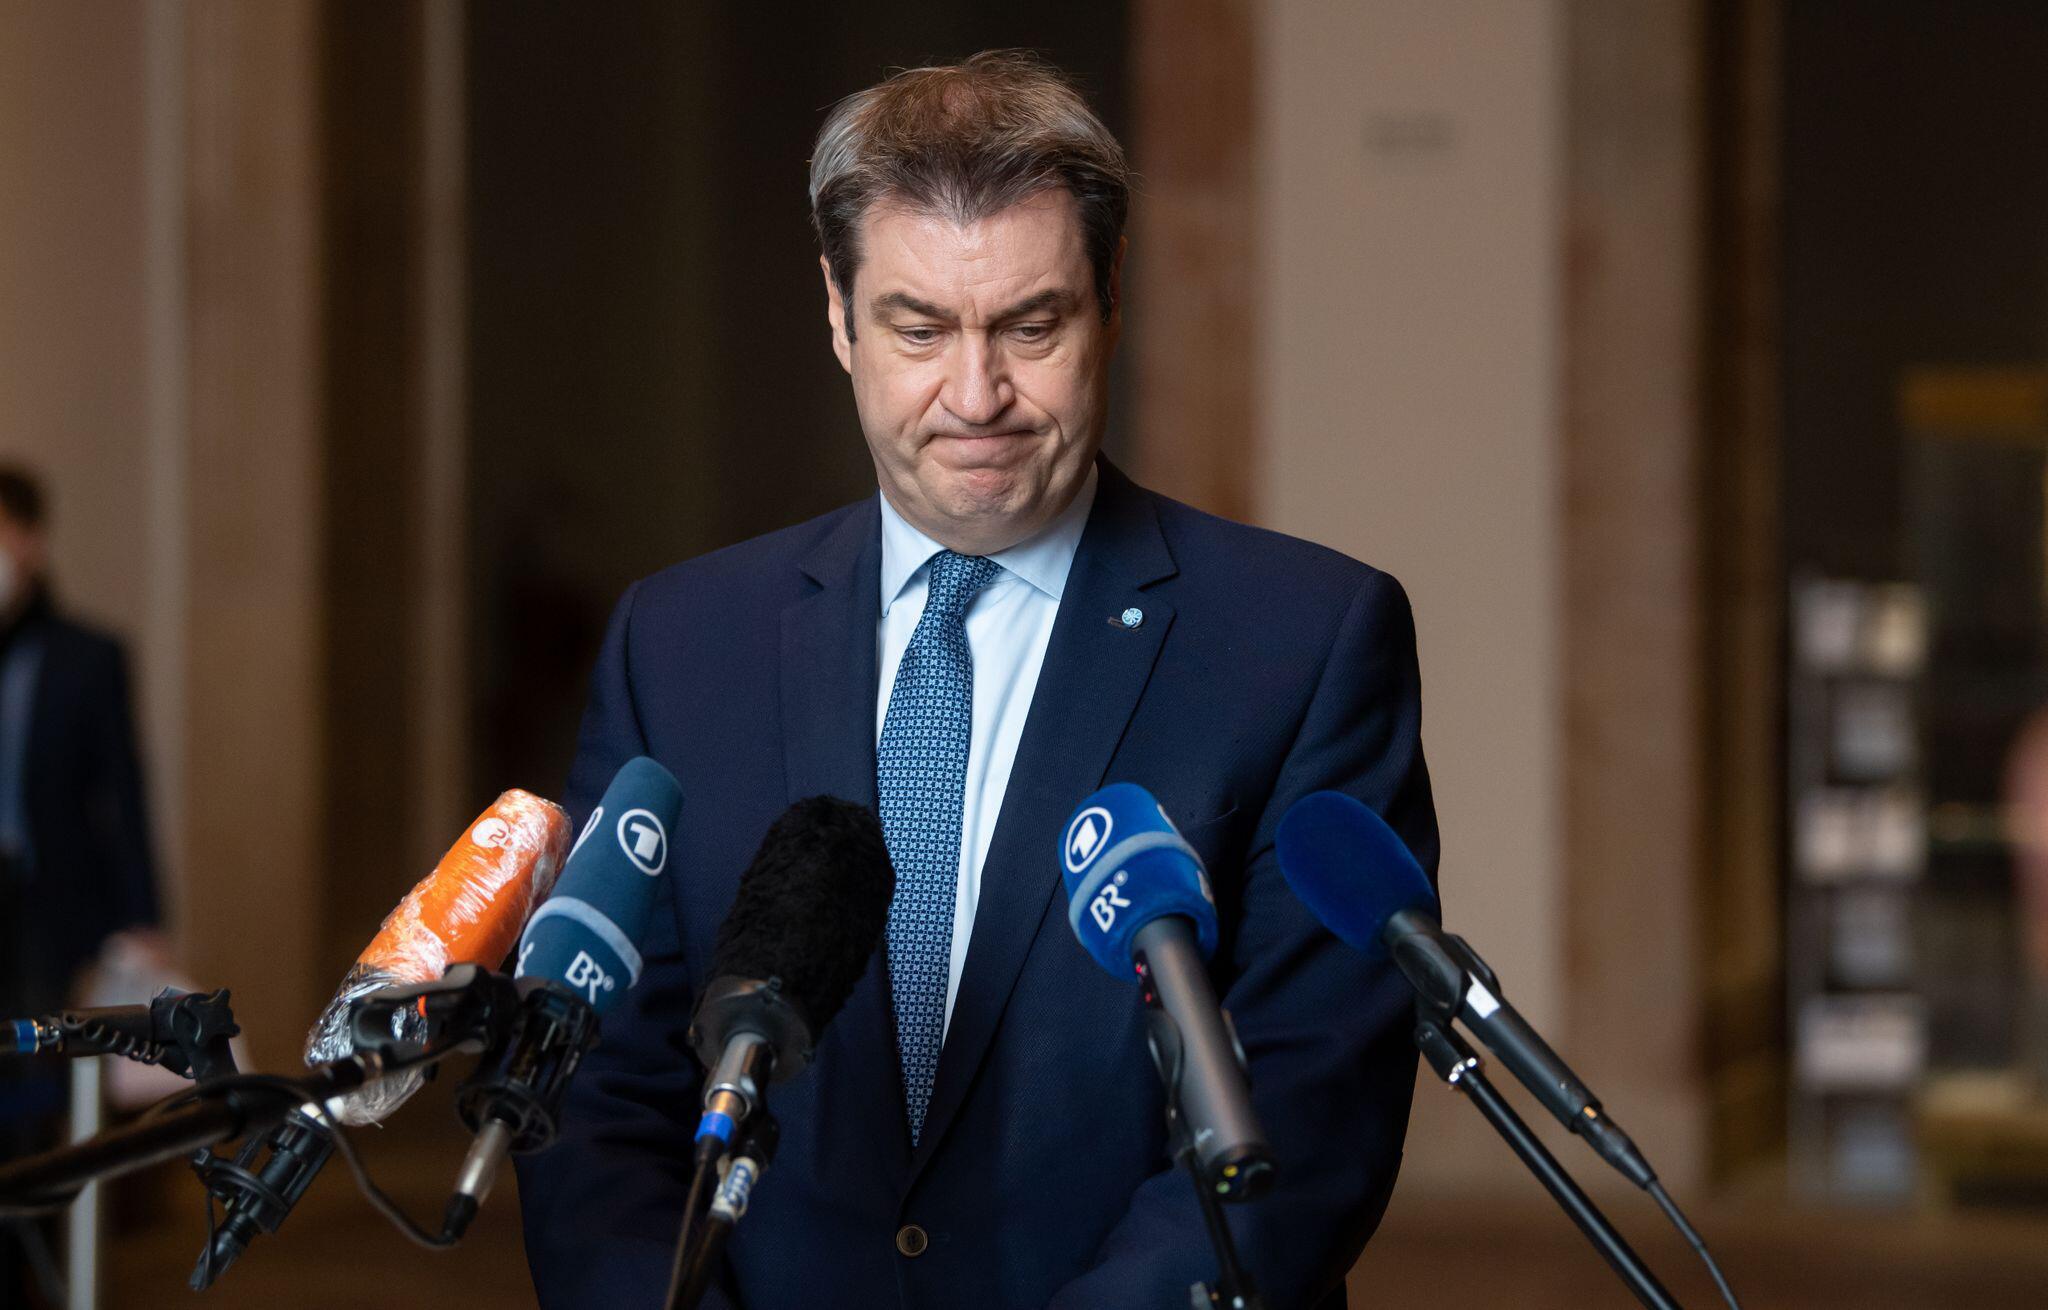 Corona-Maskenaffäre: Markus Söder kündigt scharfe Regeln in der CSU an